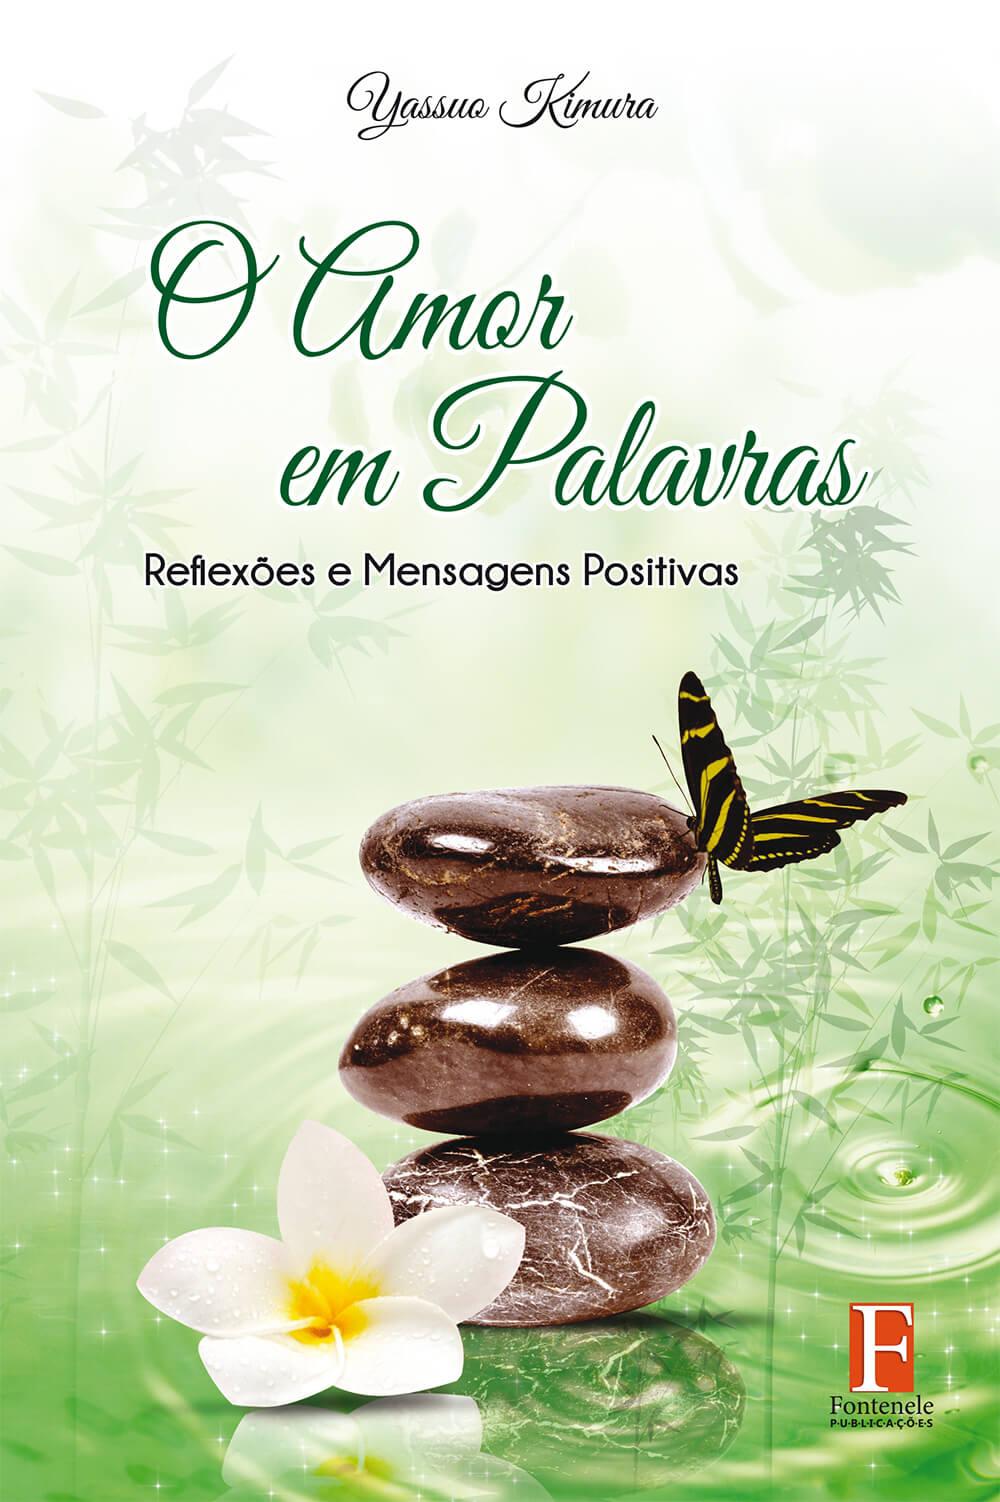 Fontenele Publicações / 11 95150-3481 / 11  95150-4383 O Amor em Palavras: Reflexões e Mensagens Positivas